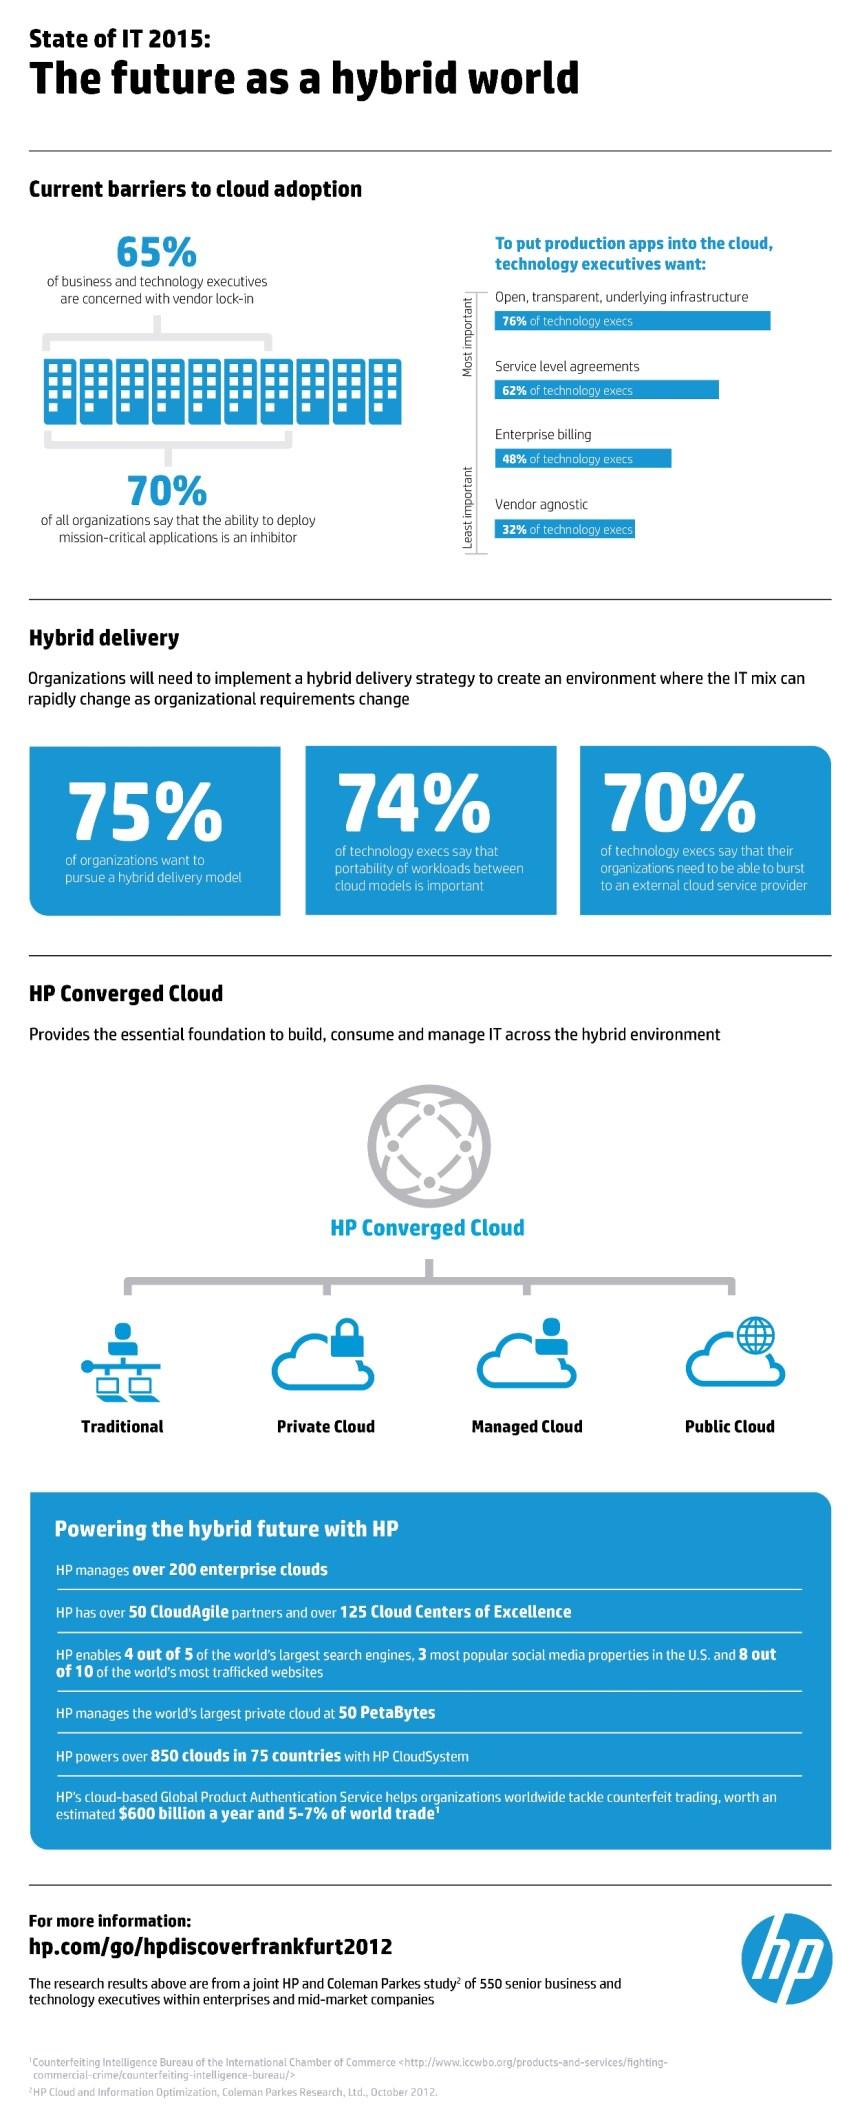 Las TIC en 2015: mucha nube hibrida